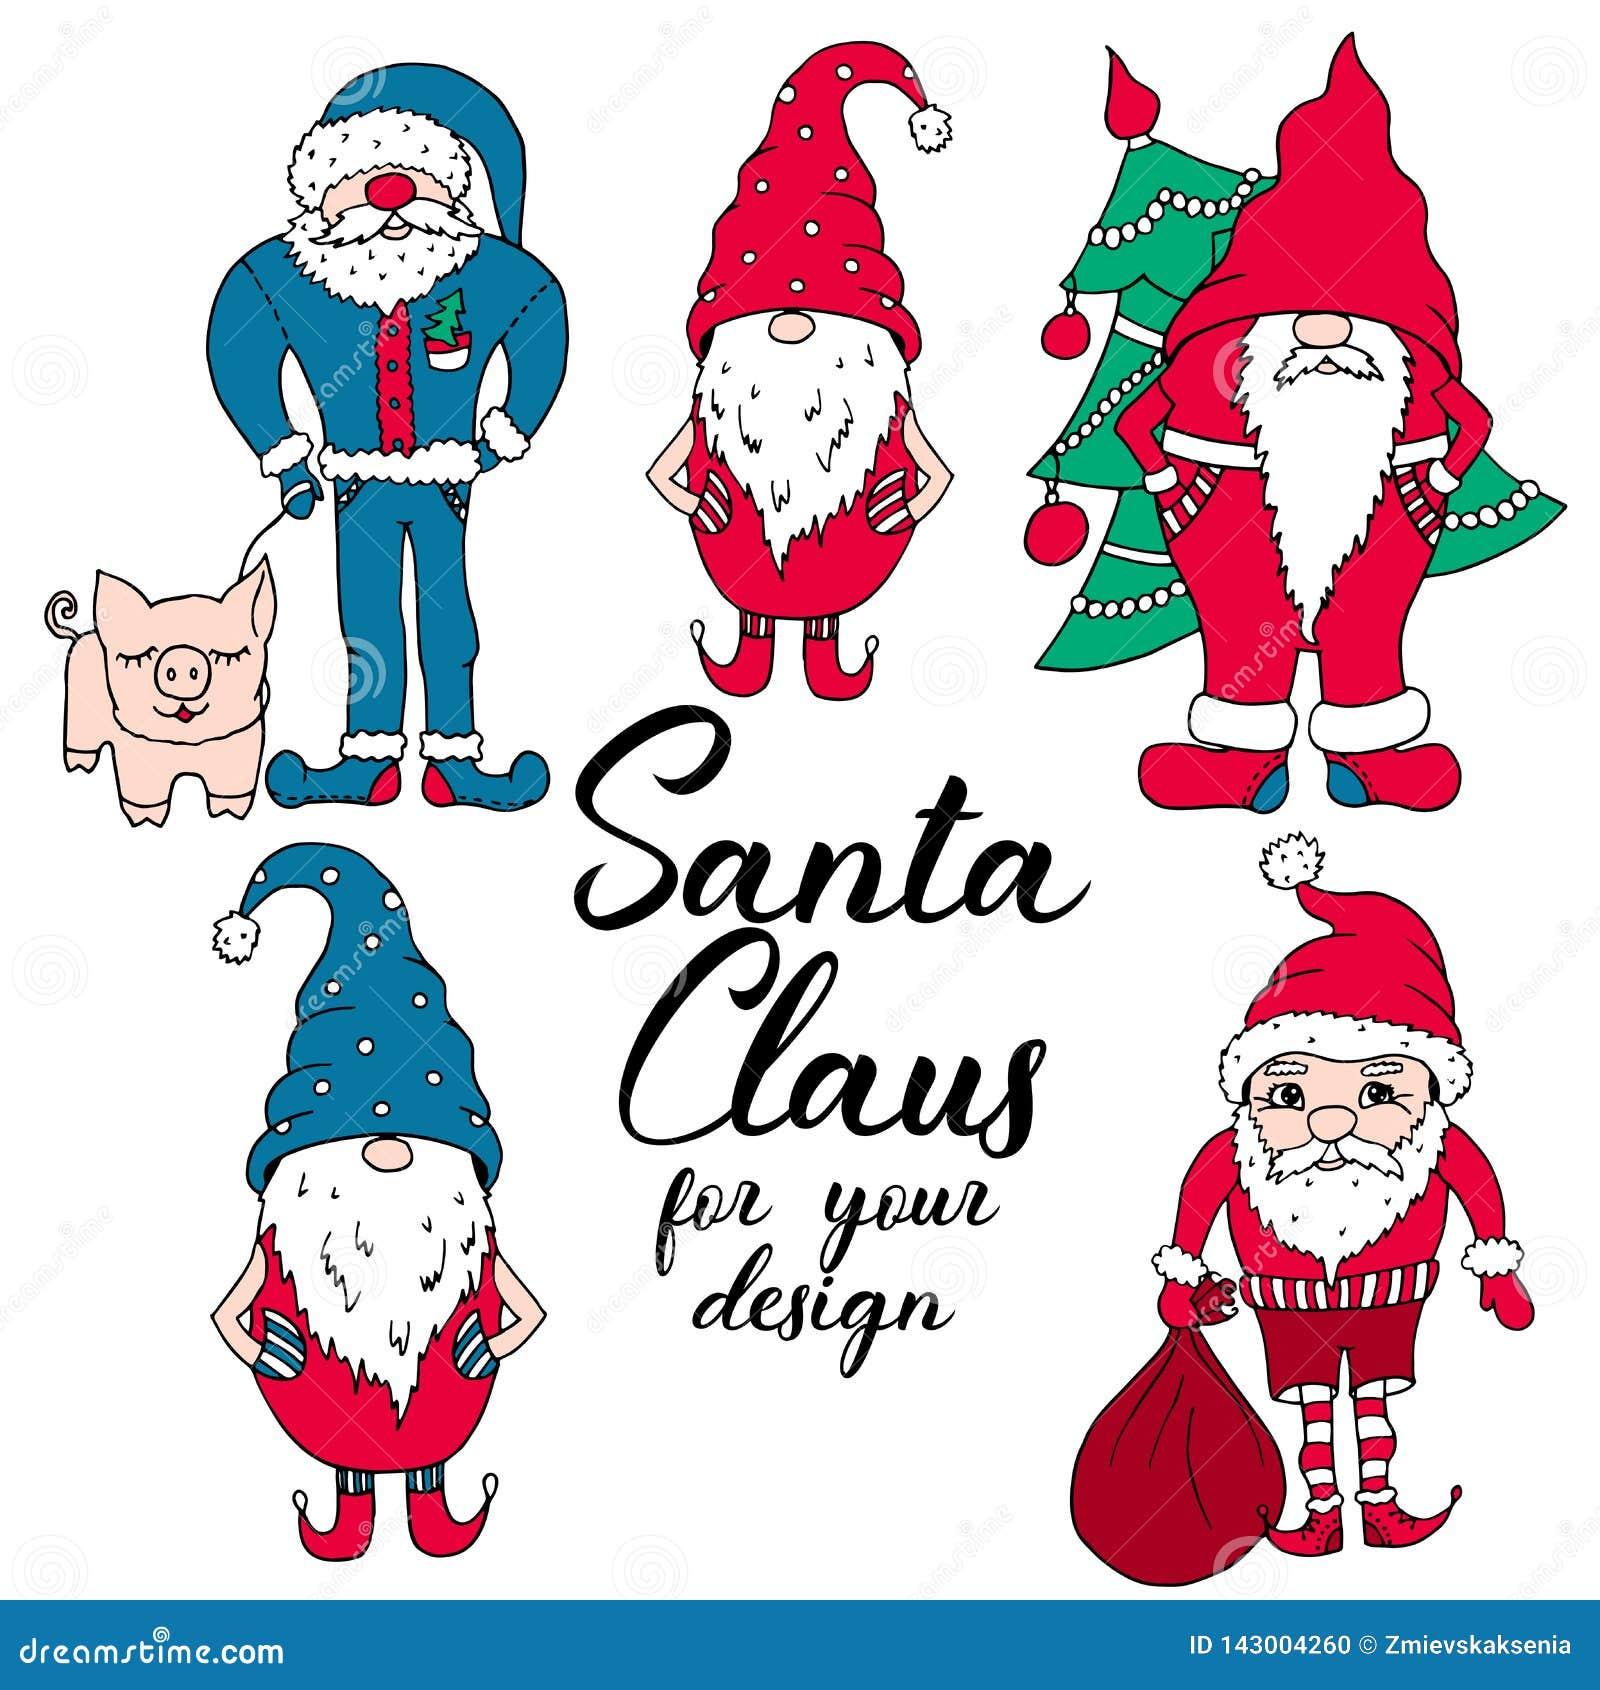 Santa dans des couleurs rouges et bleues